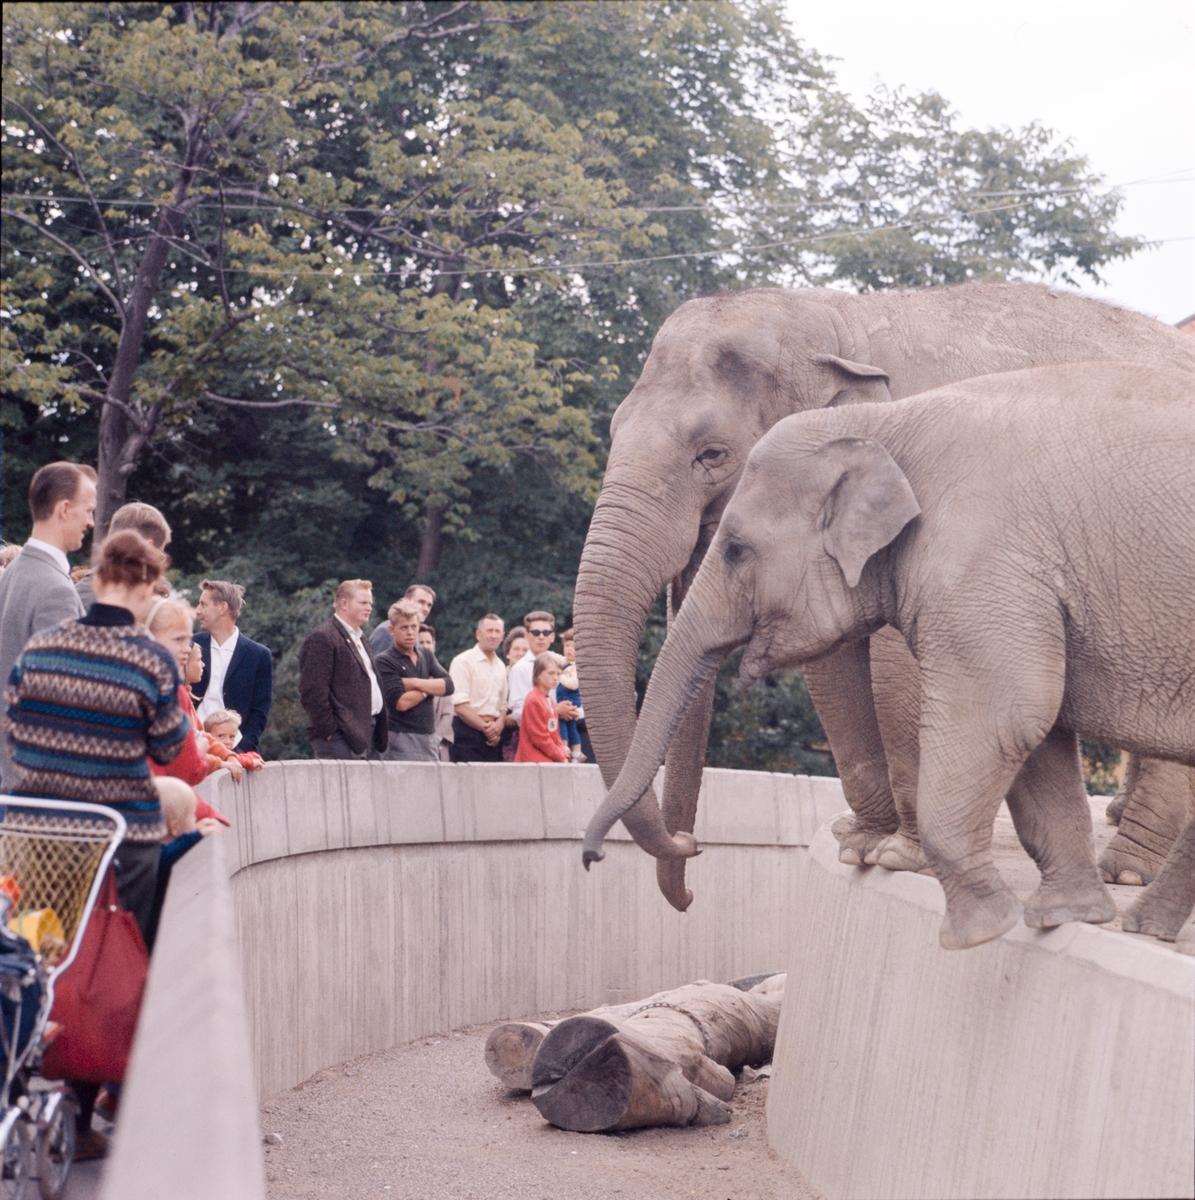 Den unga Asiatiska elefanten Nika i förgrunden vid elefanthuset på Skansen. Barn och vuxna besökare.